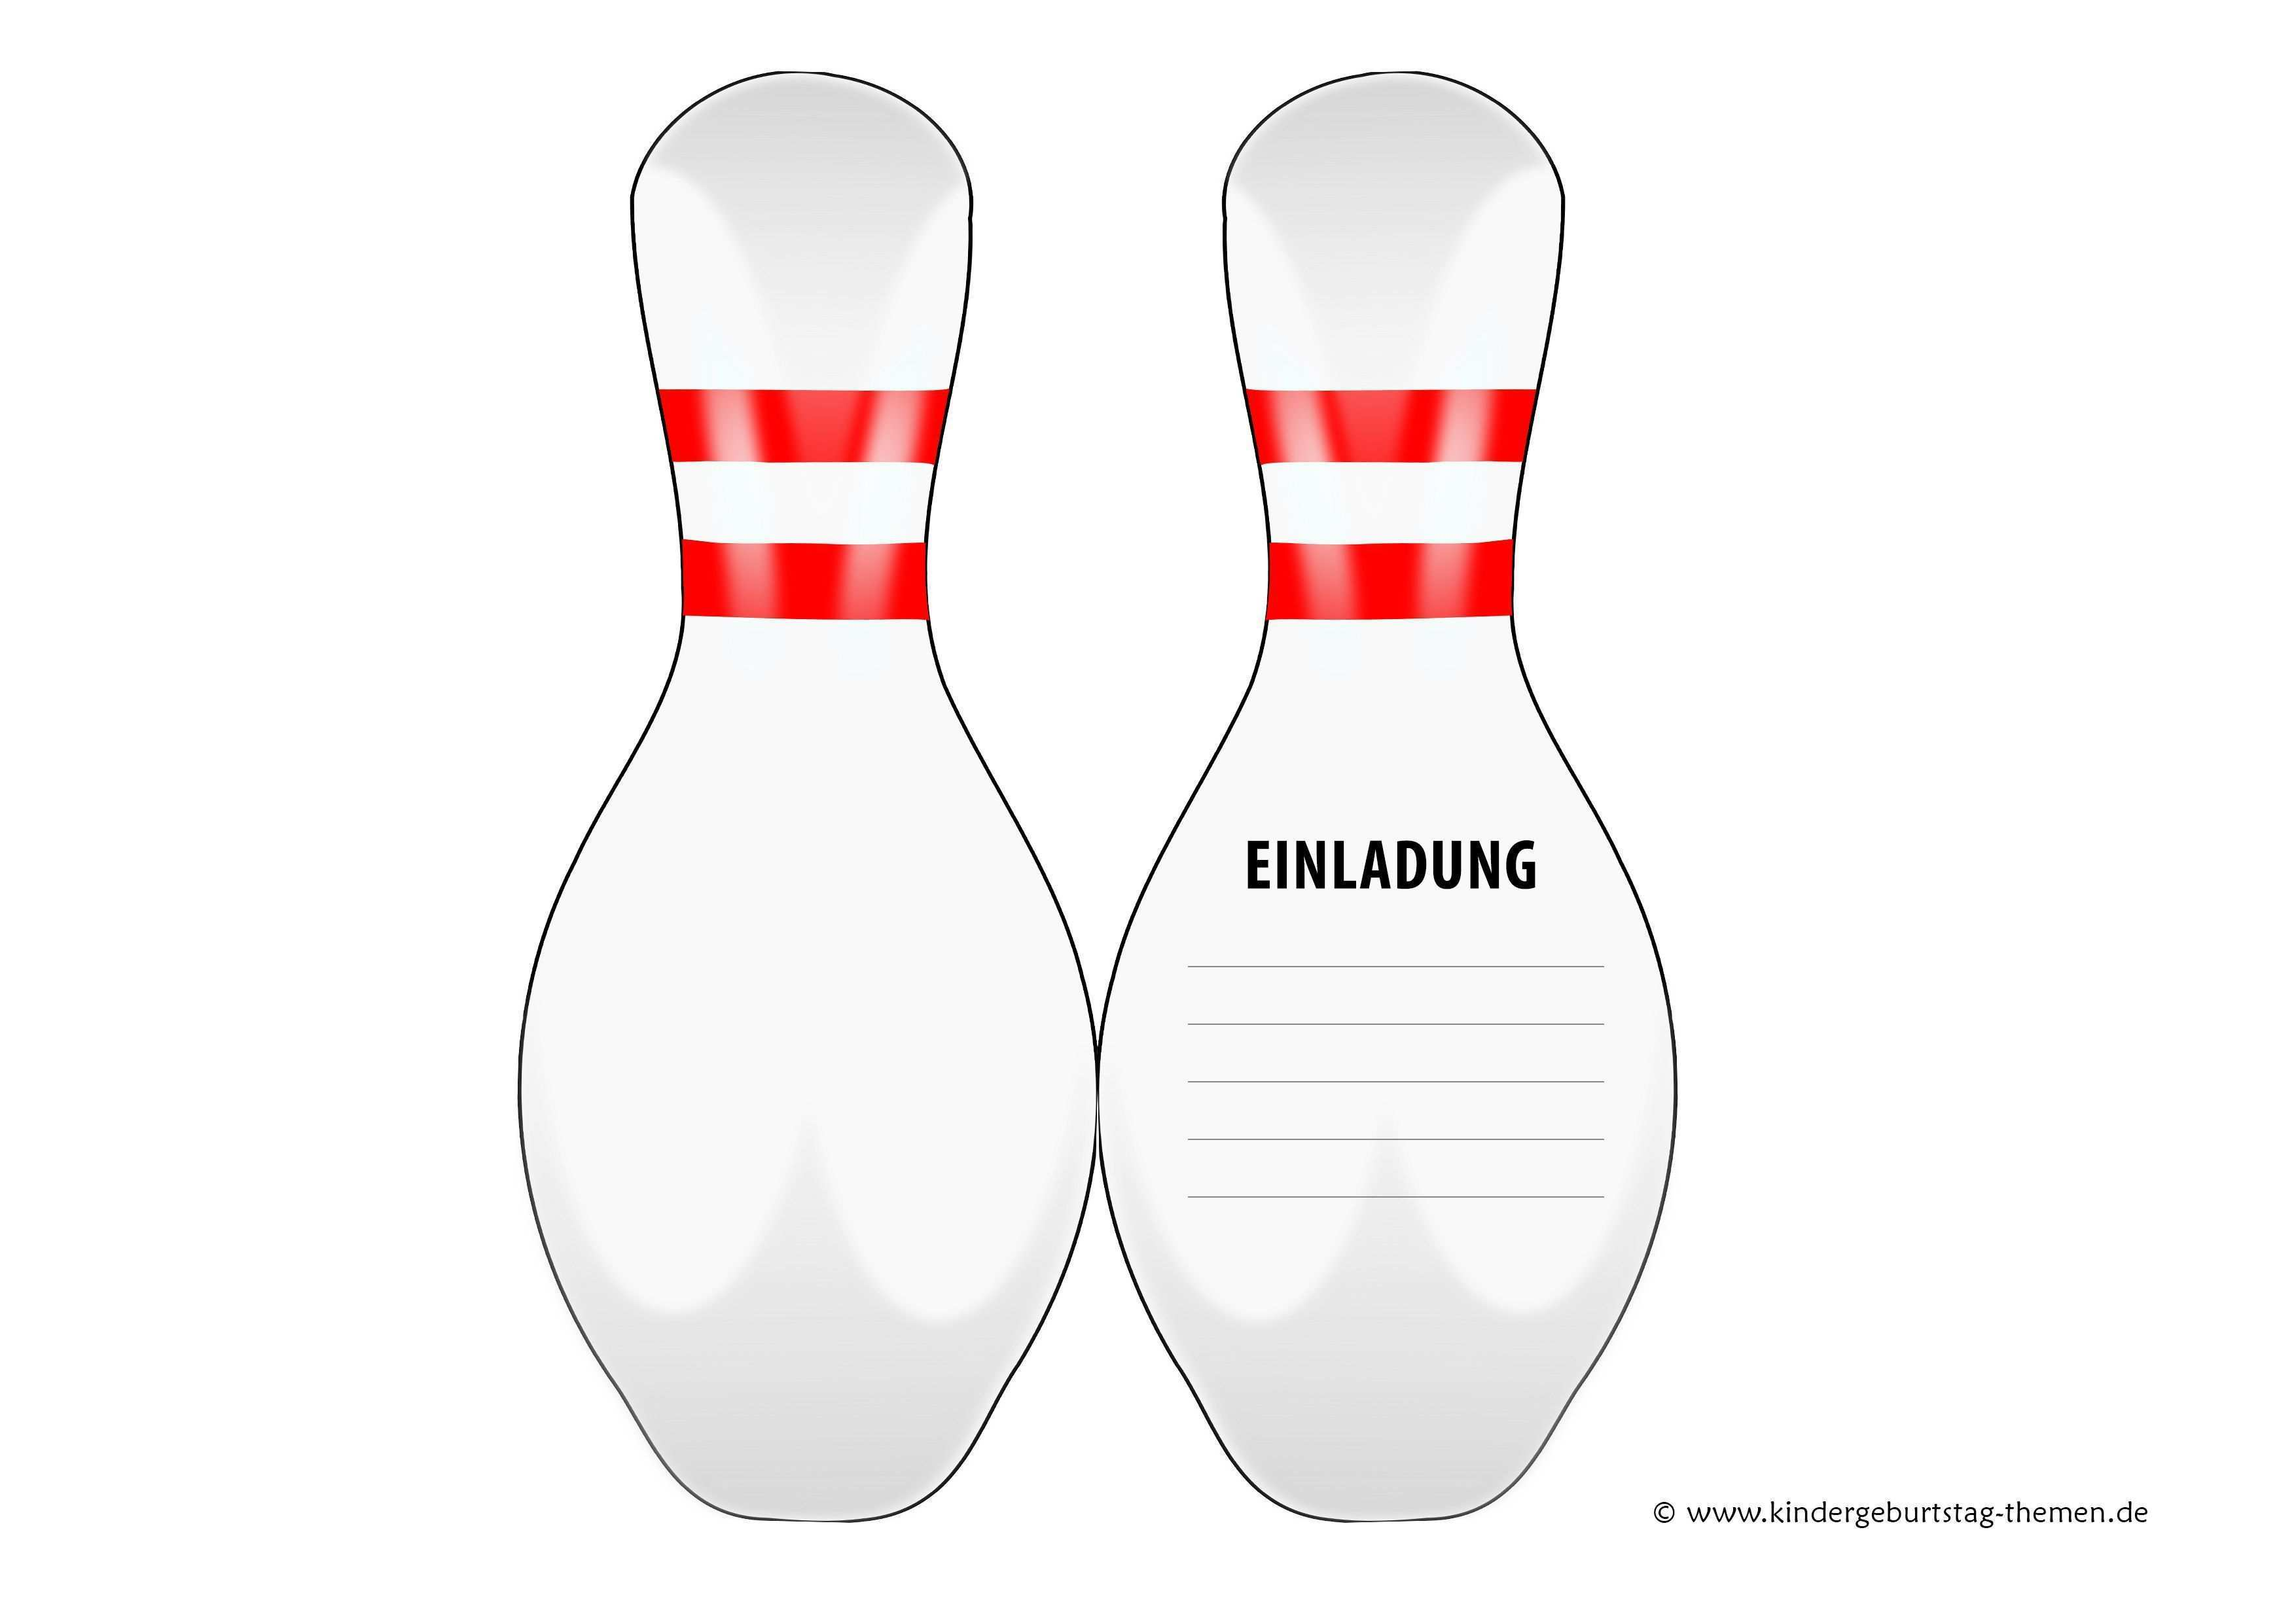 Einladung Zum Kindergeburtstag Bowlingkindergeburtstag Einlad Einladungskarten Kindergeburtstag Einladung Kindergeburtstag Einladung Kindergeburtstag Kostenlos